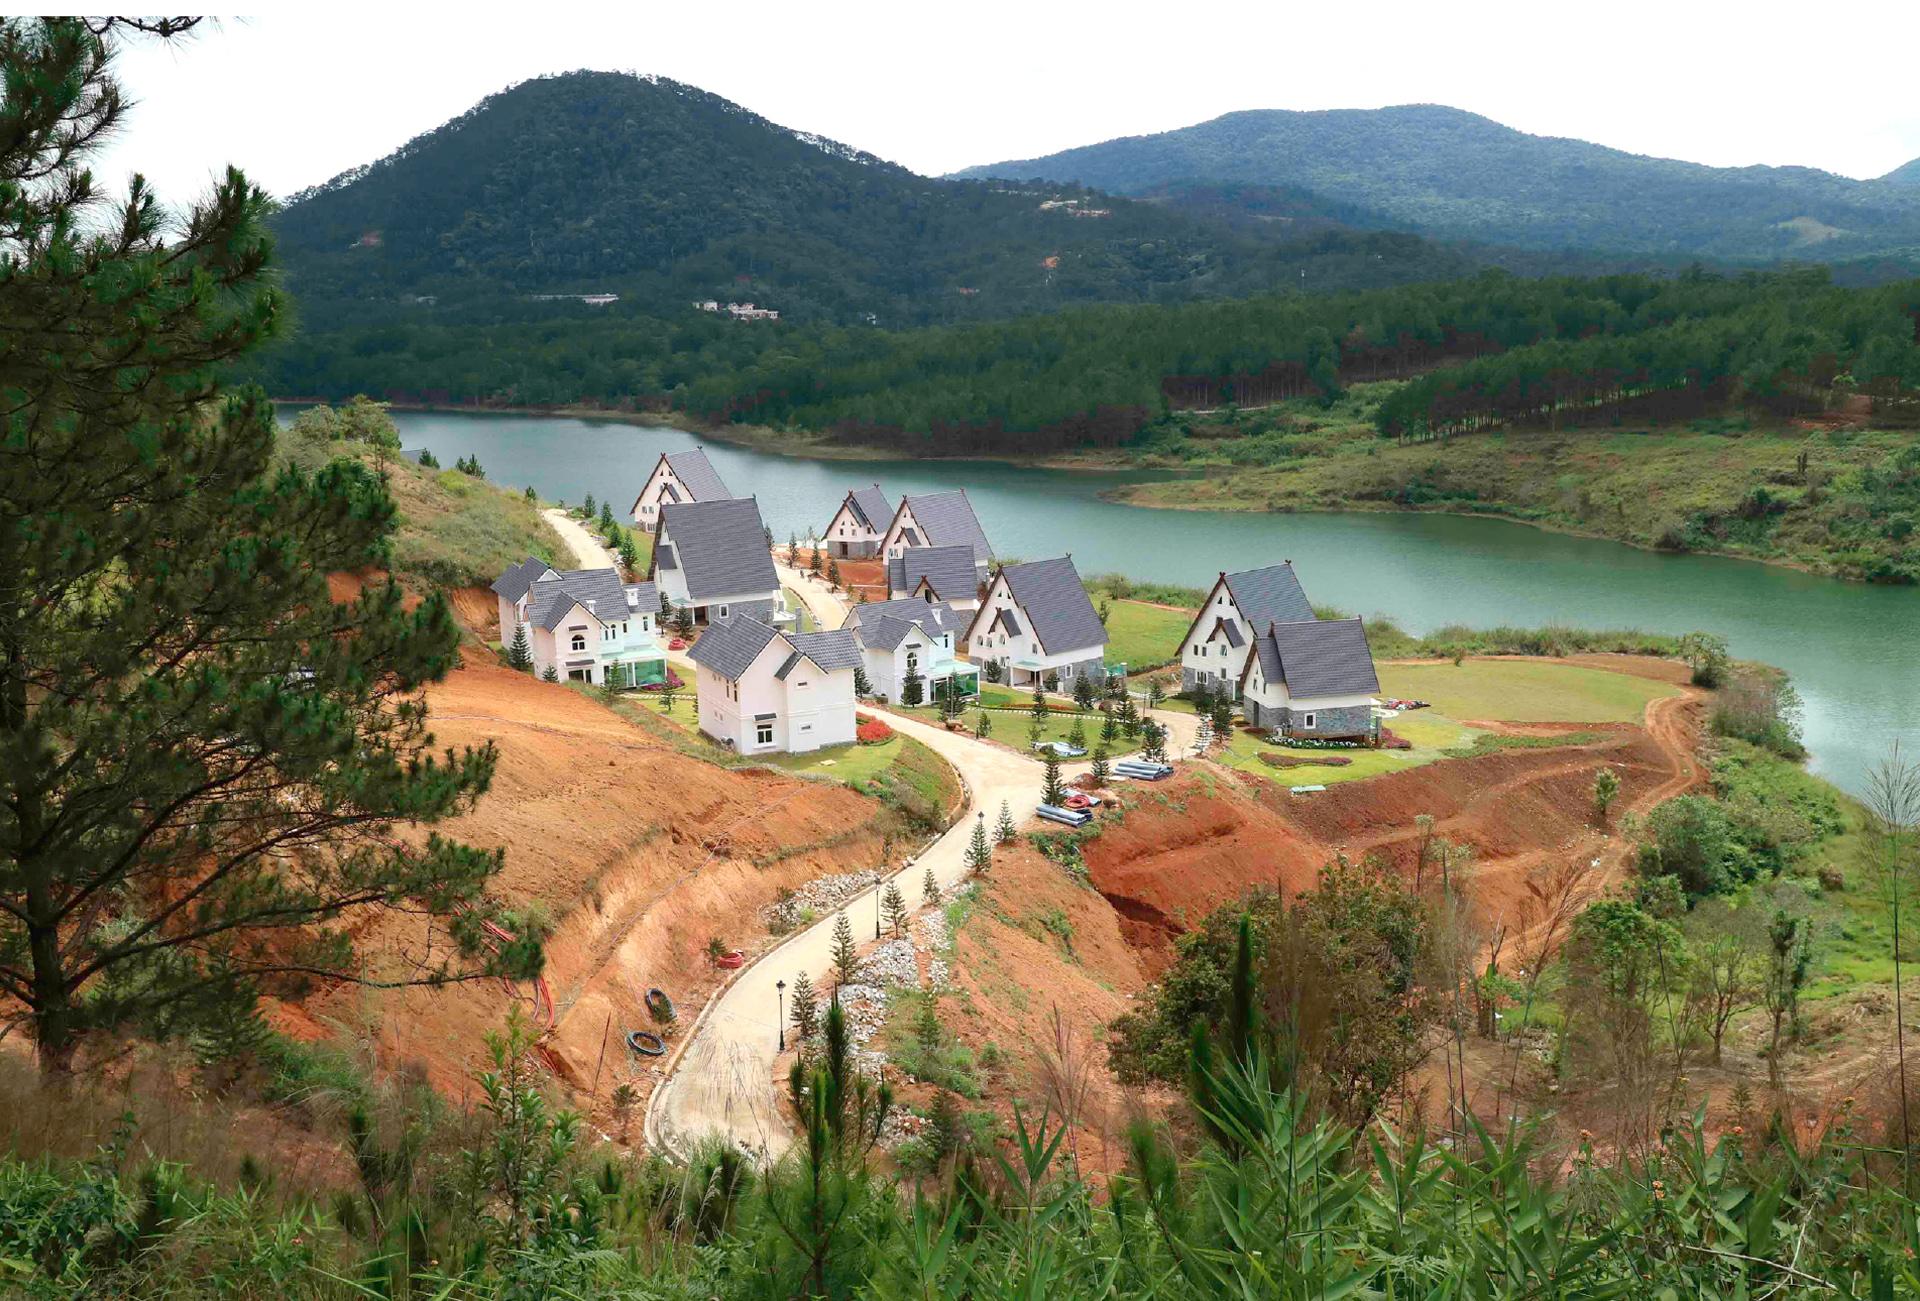 Di tích thắng cảnh quốc gia hồ Tuyền Lâm bị xâm hại như thế nào? ảnh 9